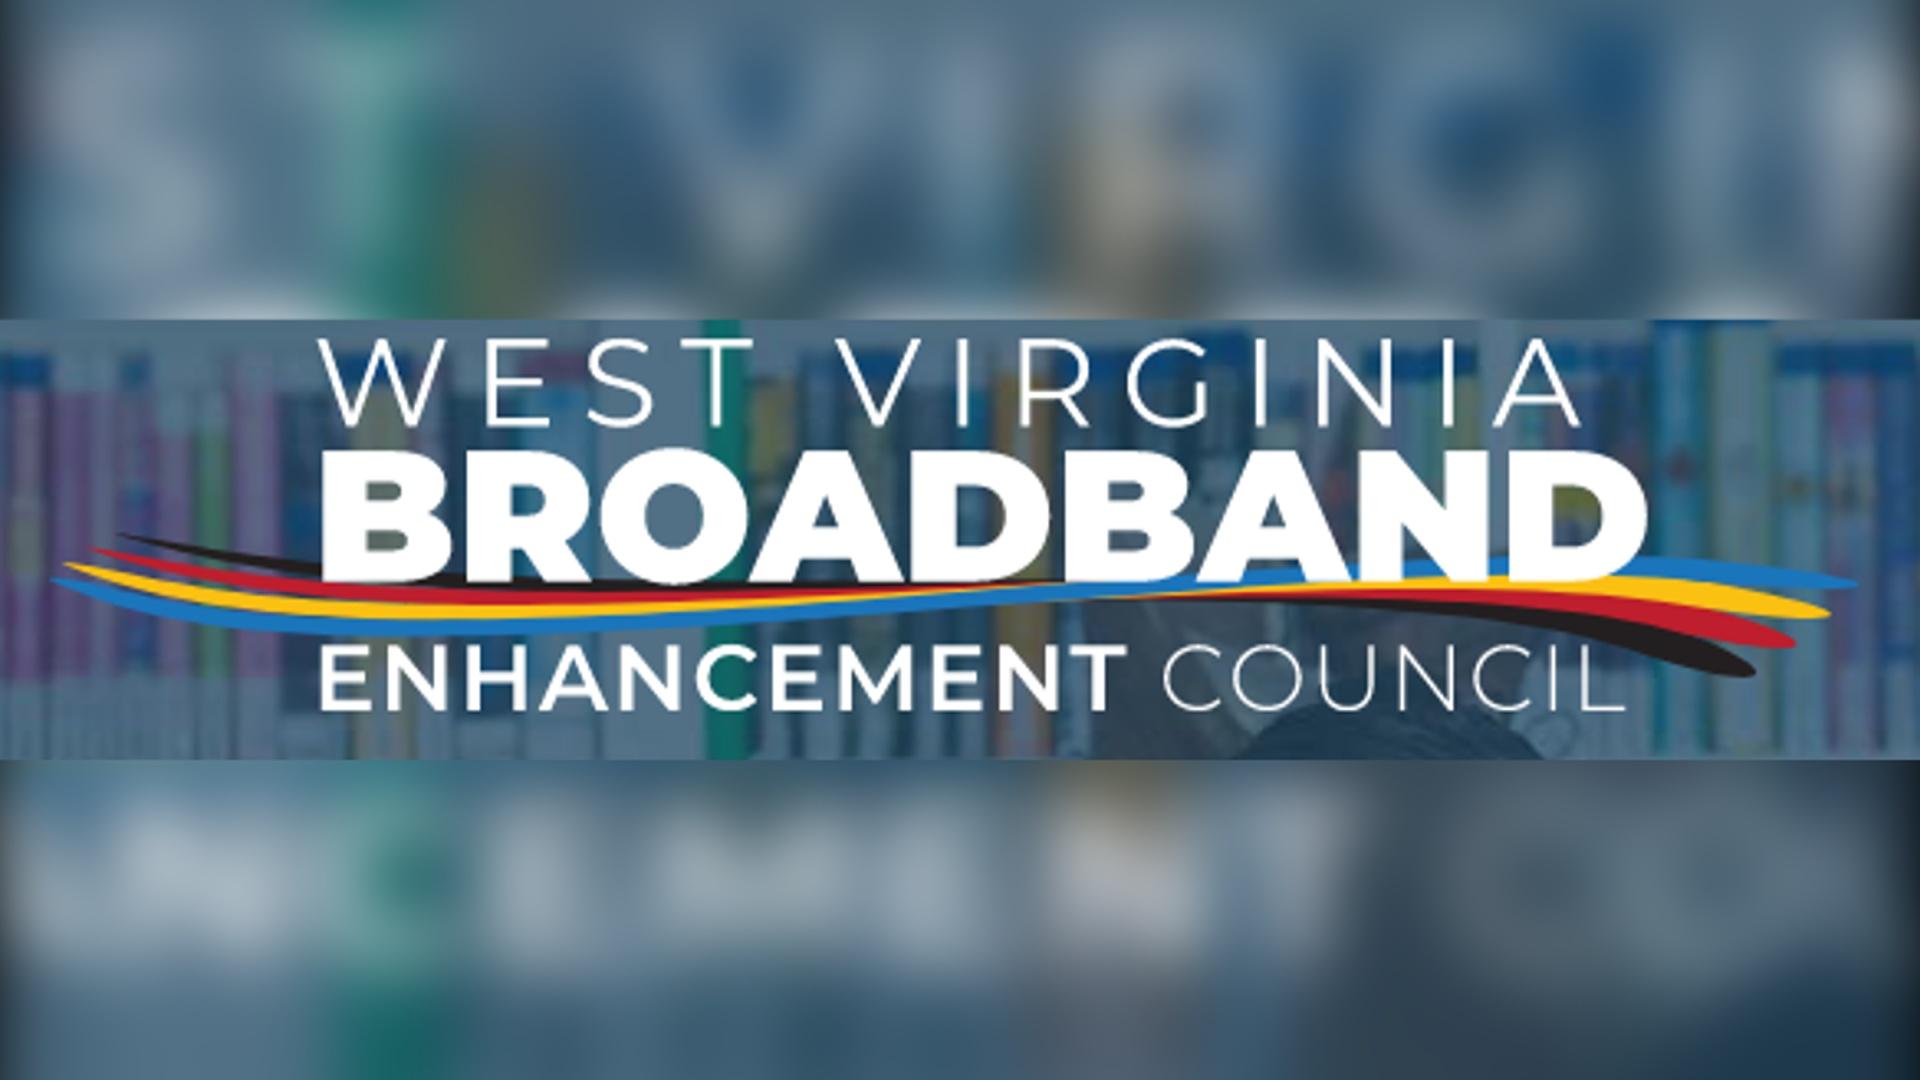 Broadband enhancement council.jpg